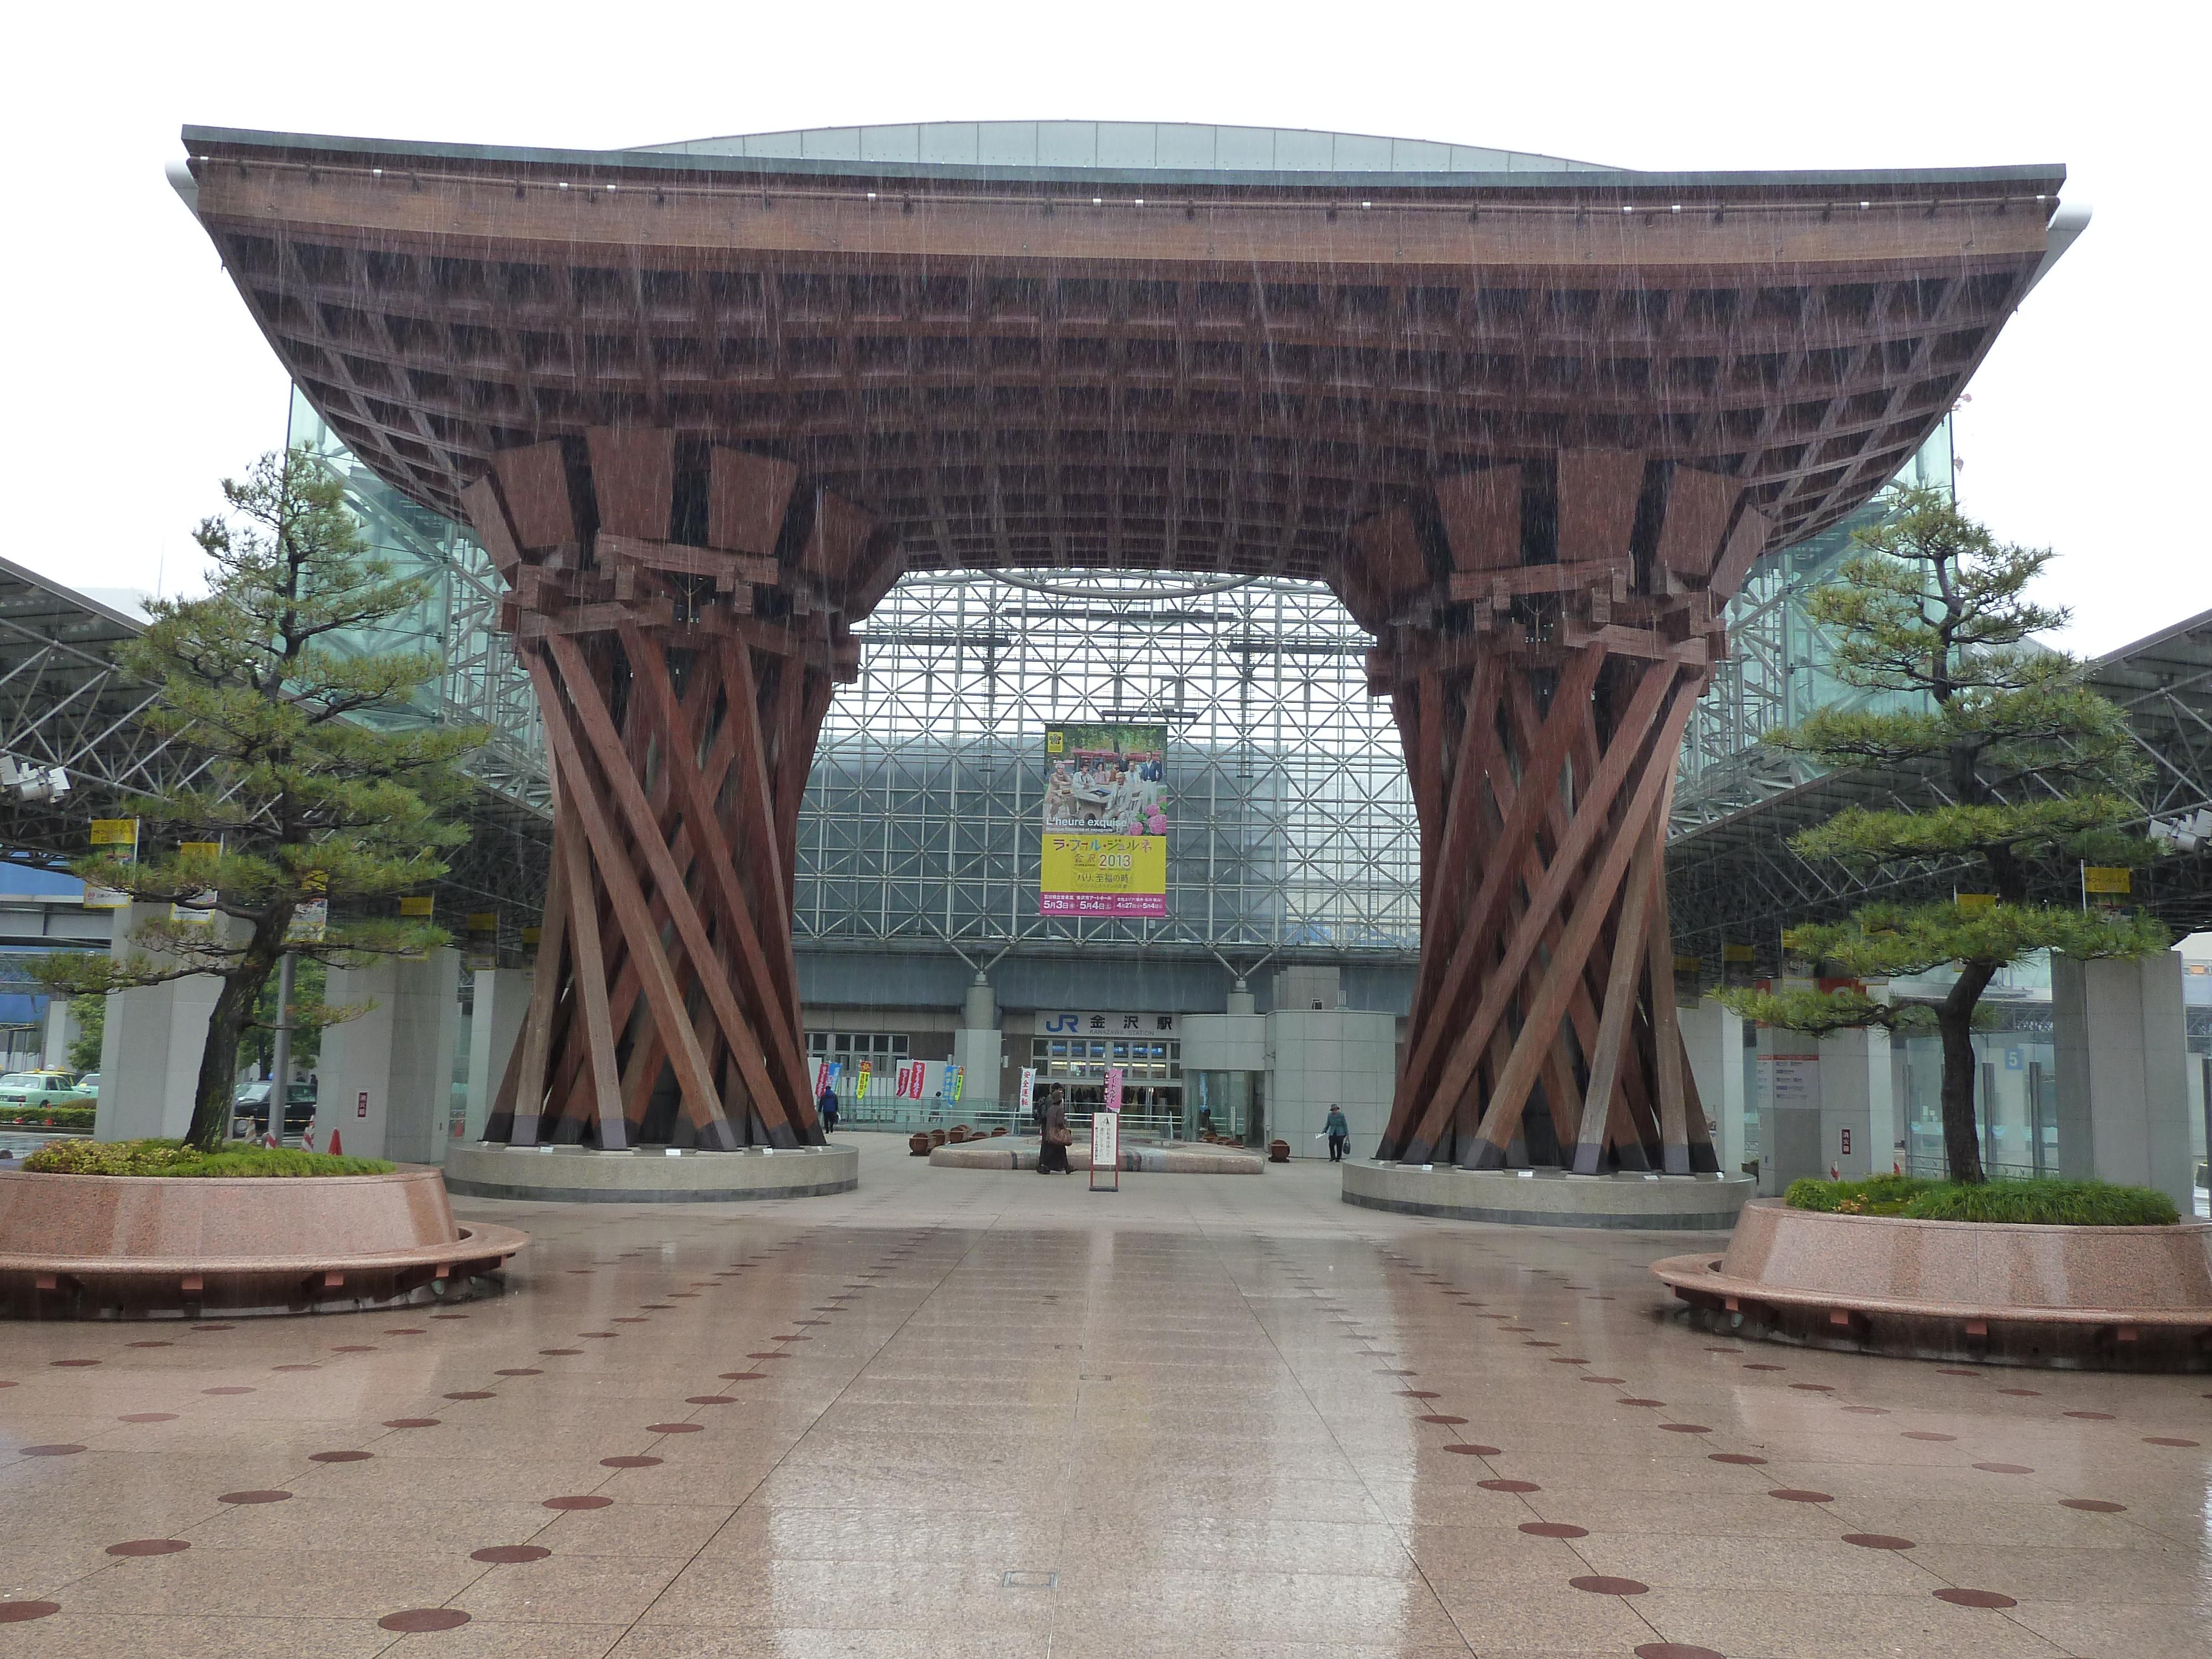 金澤市:傳統與科技交會的金澤車站(JR Kanazawa-eki) 2013/04/12 | Flashmoment…